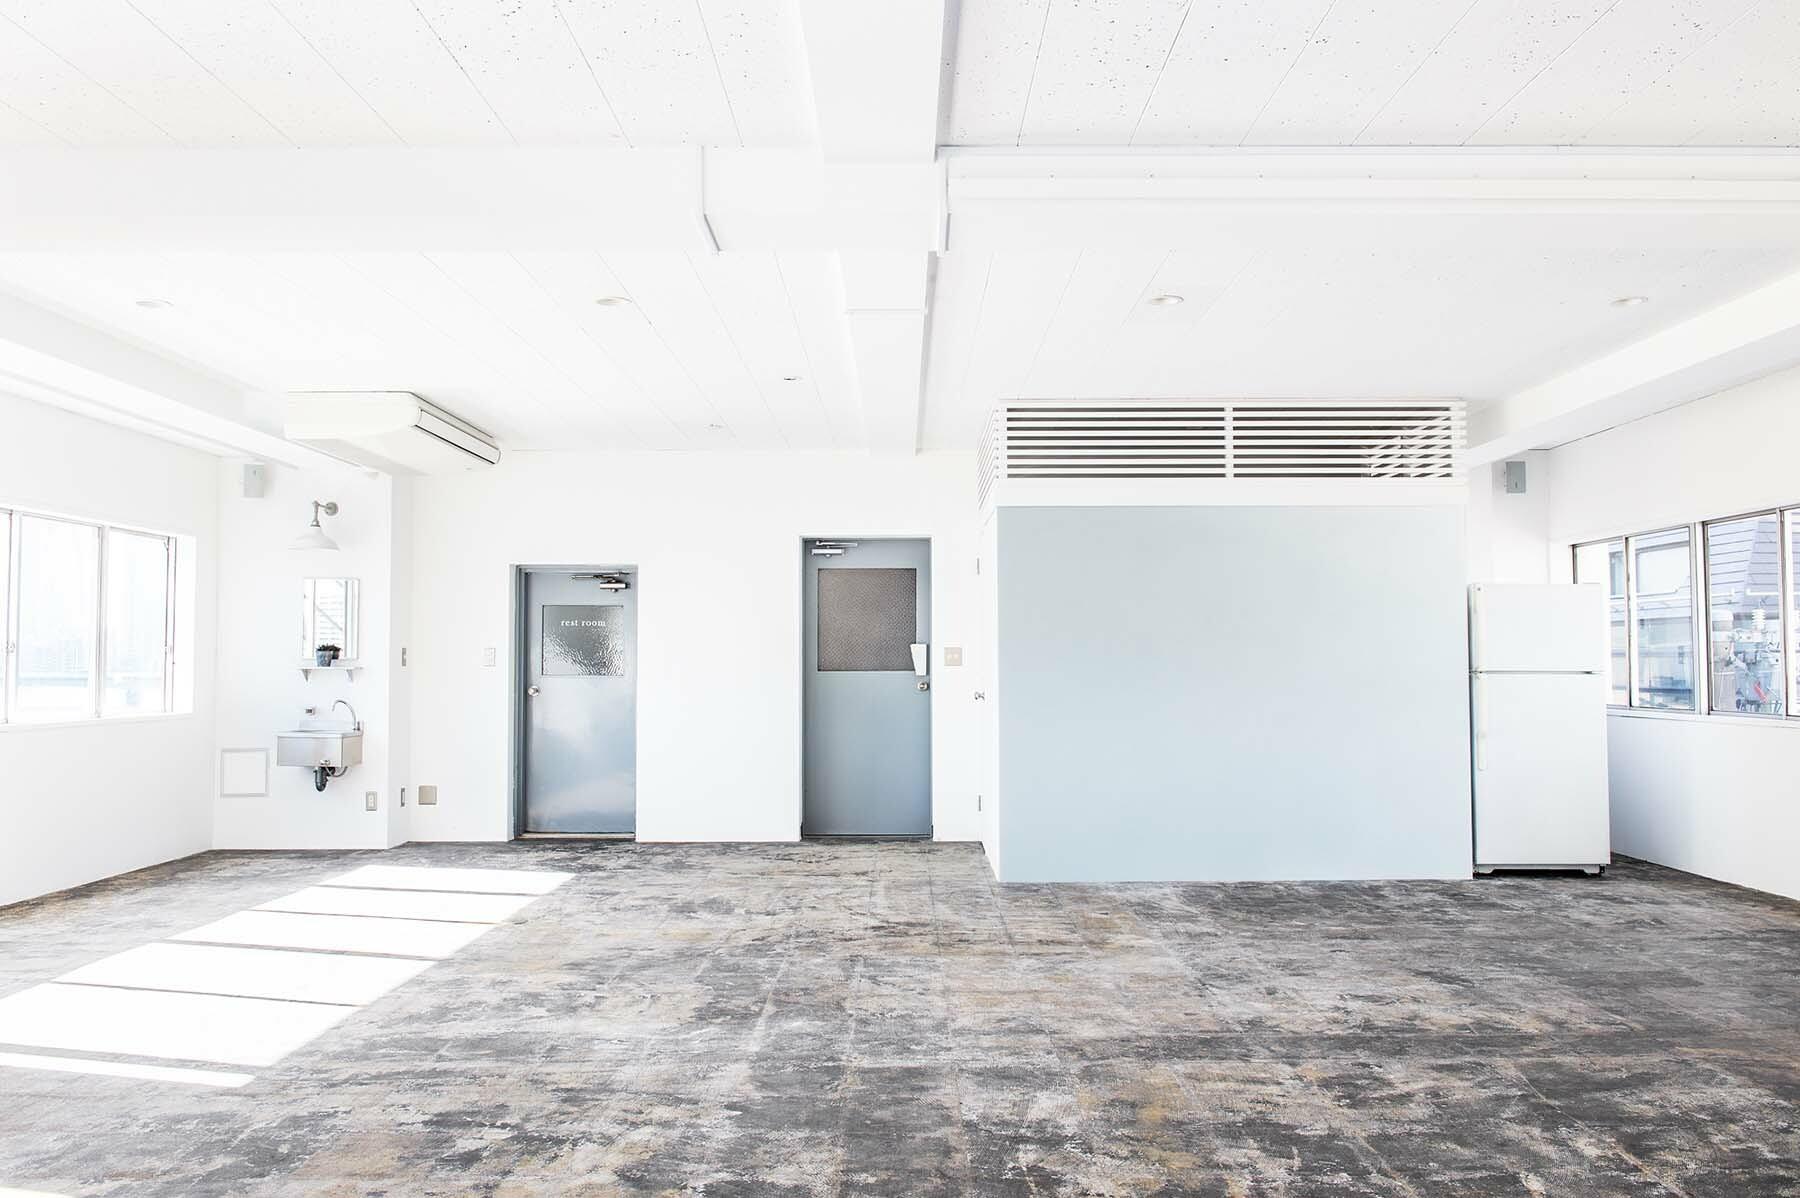 StudioBRICK 4F (スタジオブリック八丁堀4F)入り口側